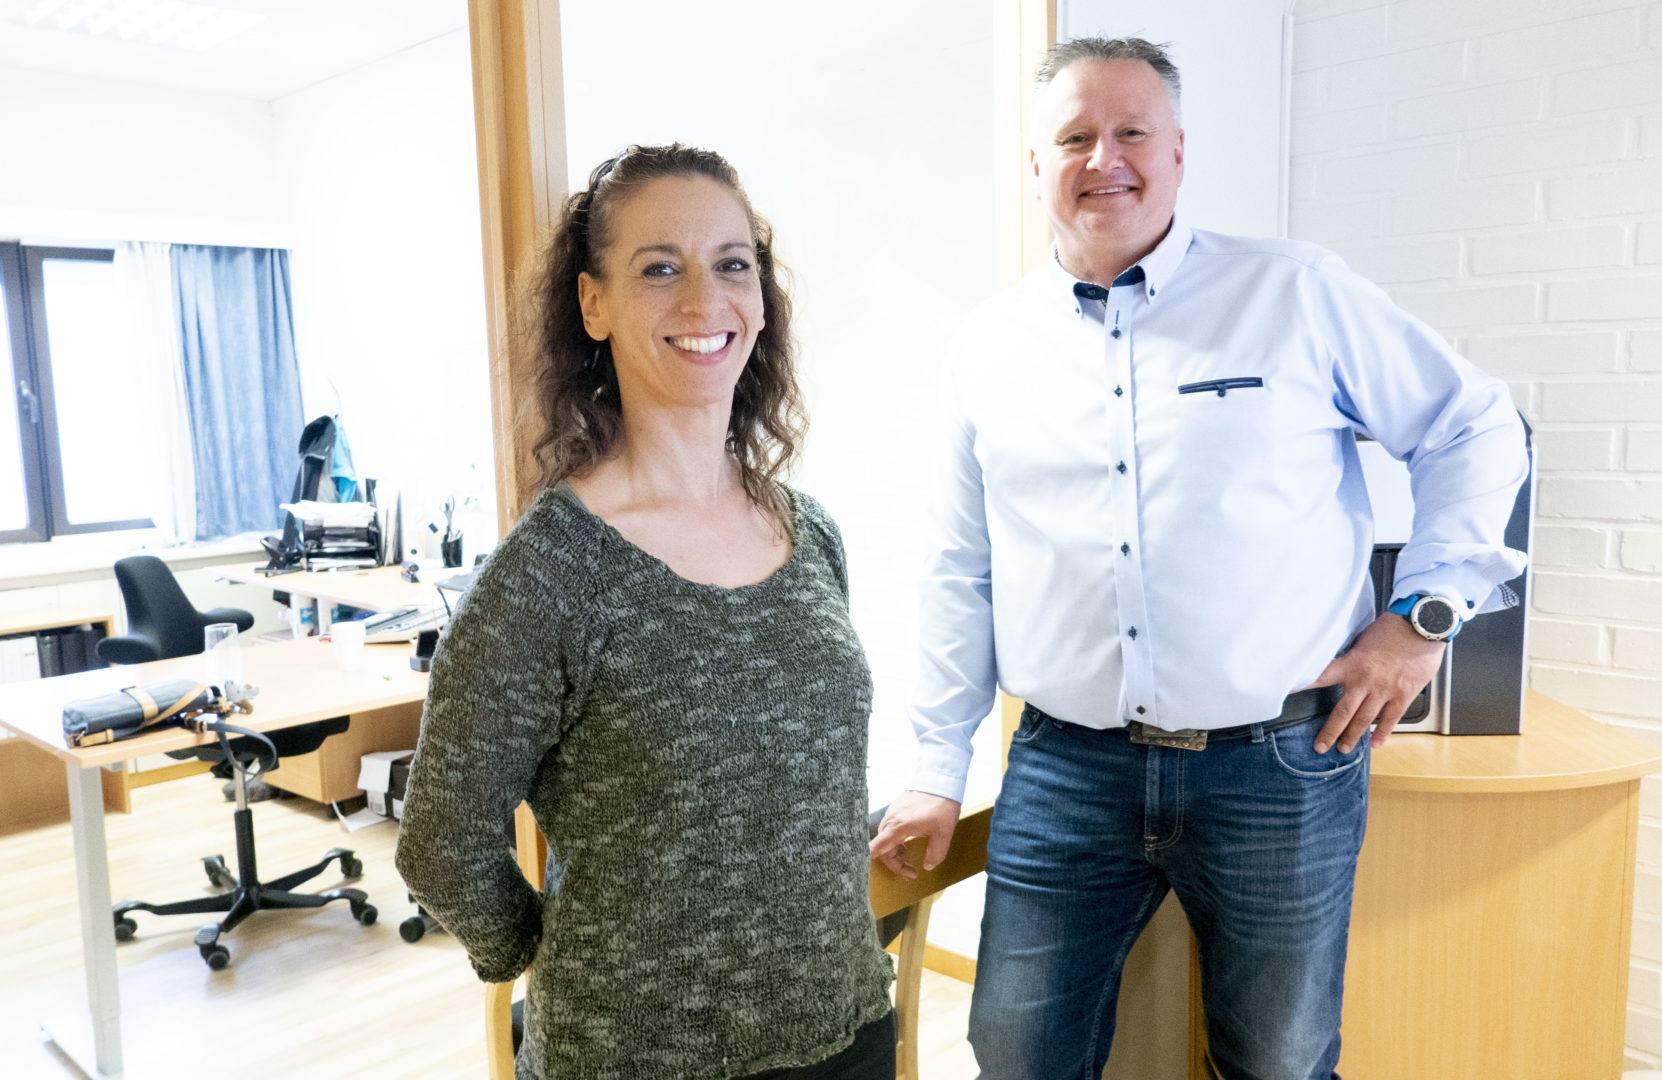 Selger Kristina Skamfer og salgsjef Trond Bergstuen inne i lokalene hos Stansefabrikken